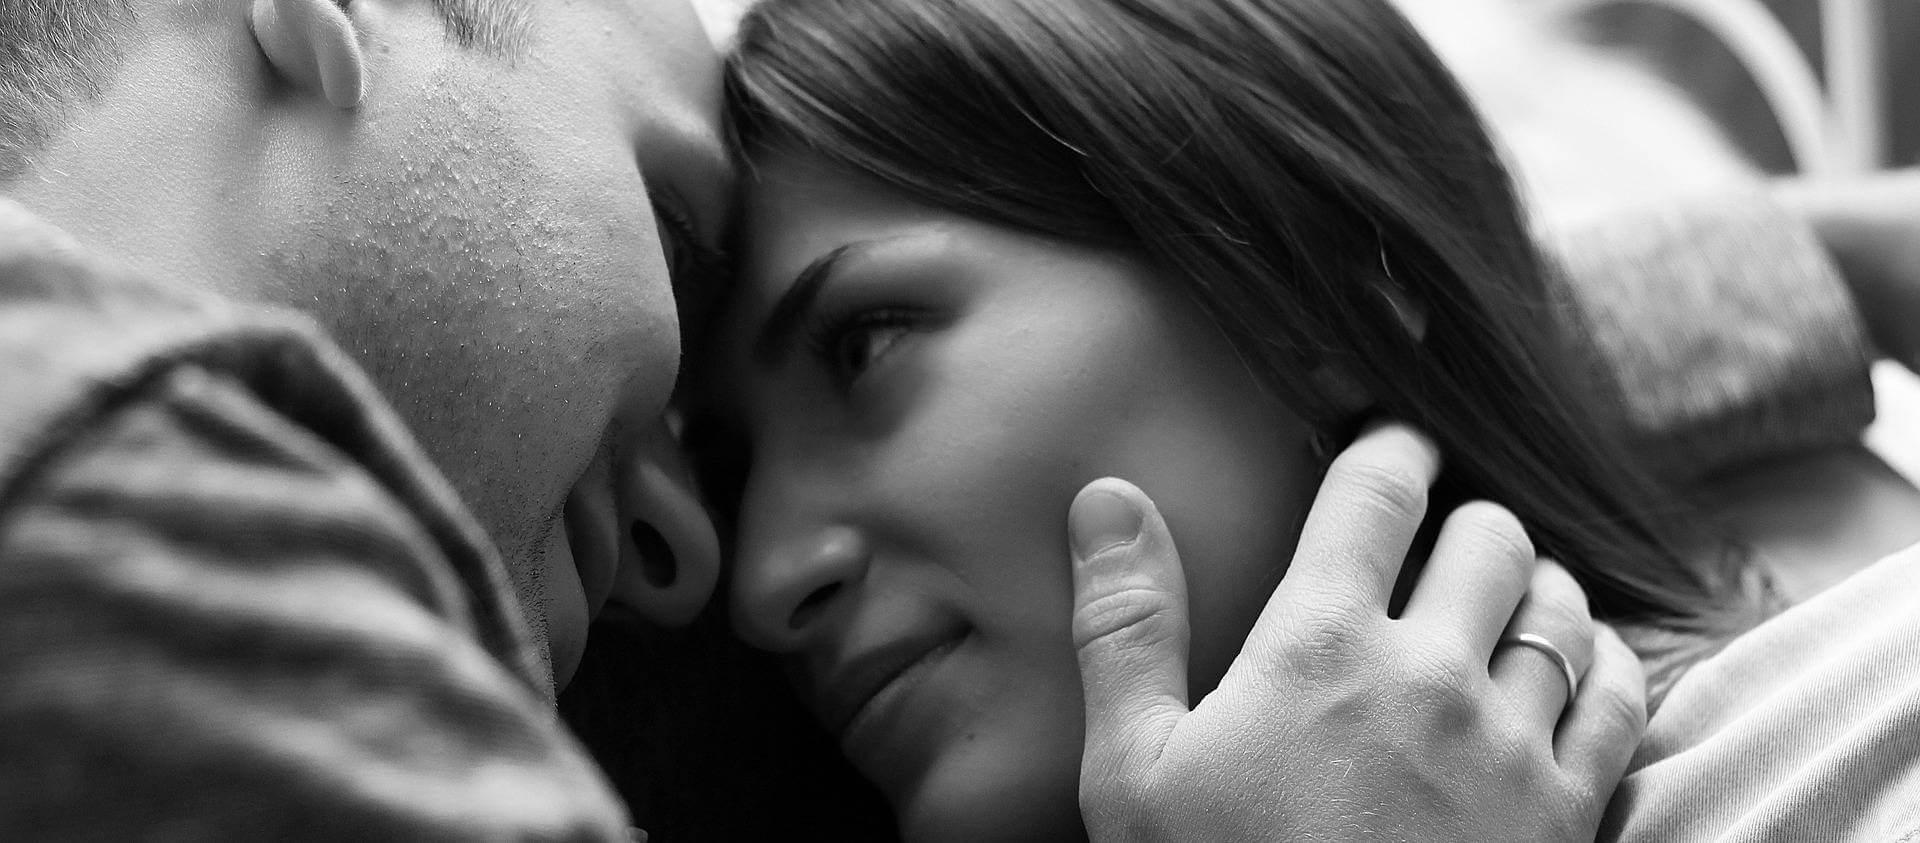 Zihindeki Kaygılarla Cinsellik: Vajinismus